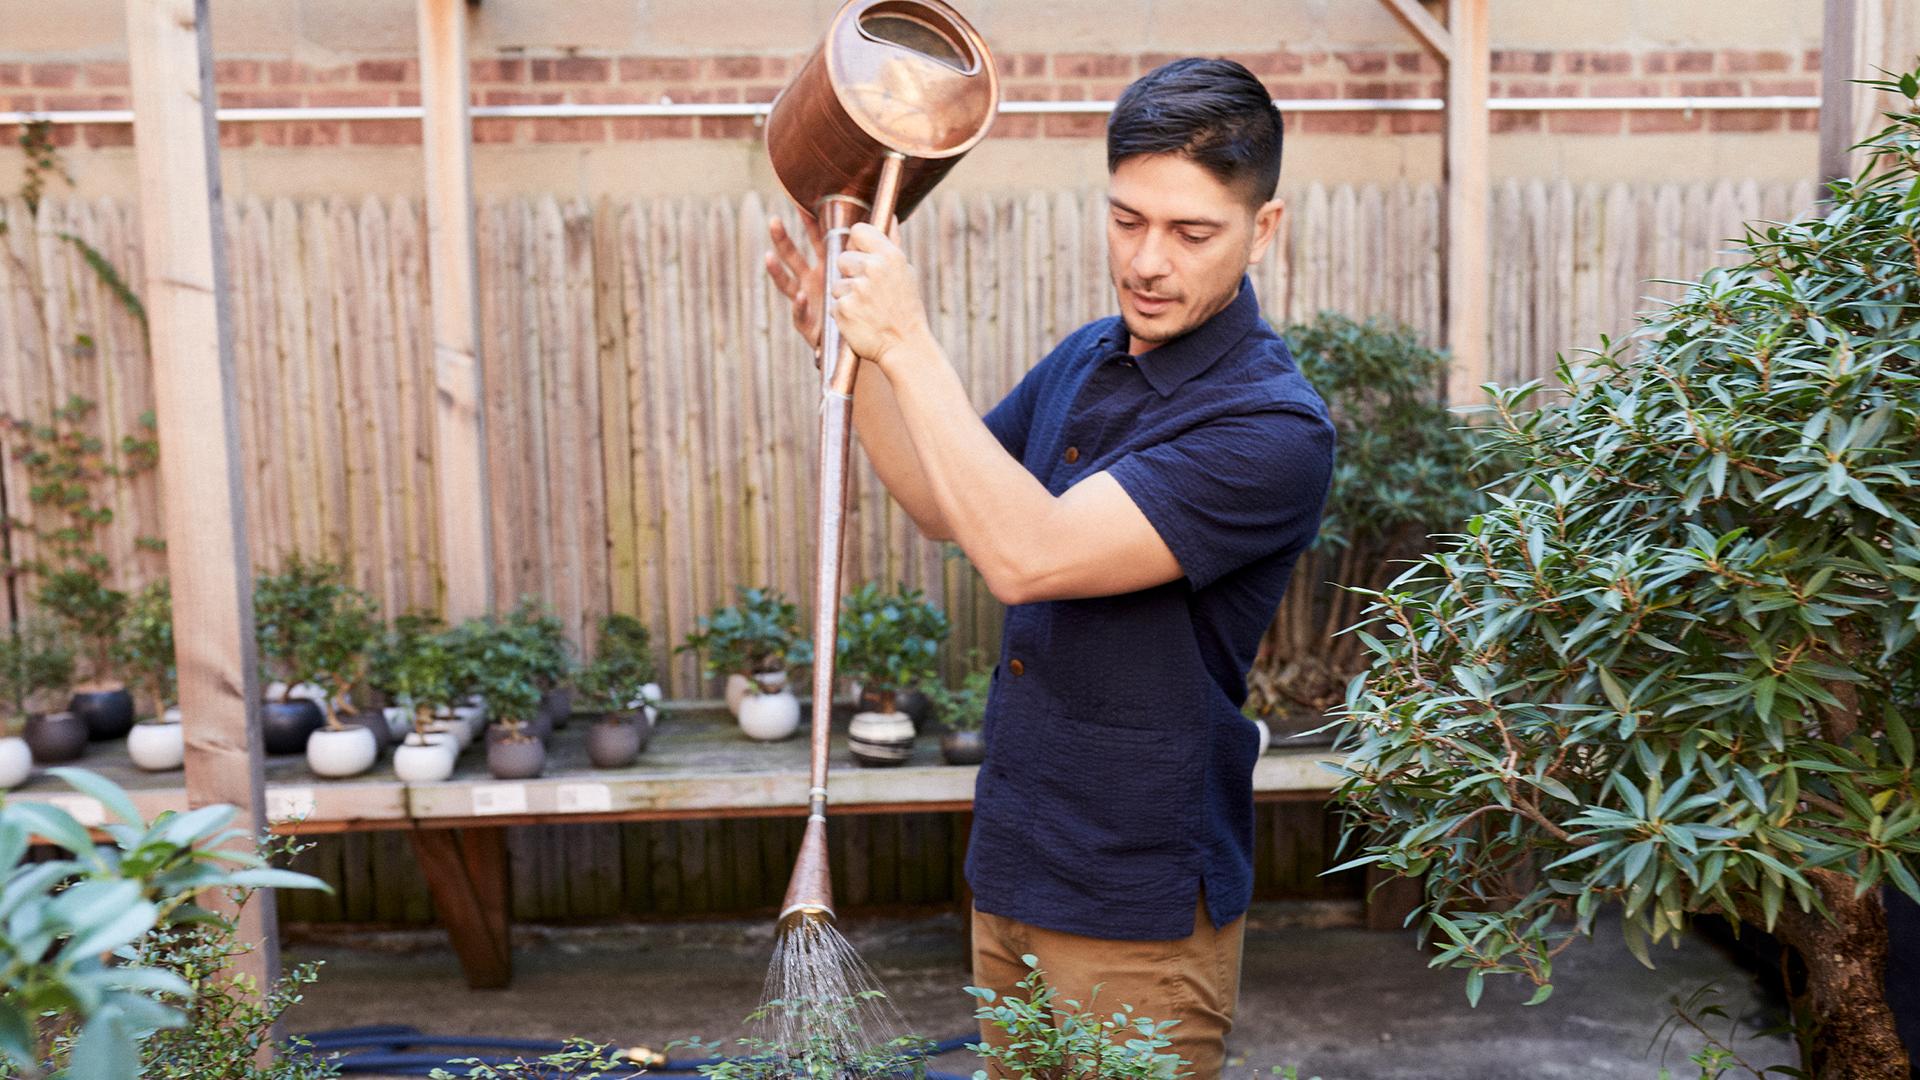 Matt Puntigam tends to his Bonsai garden